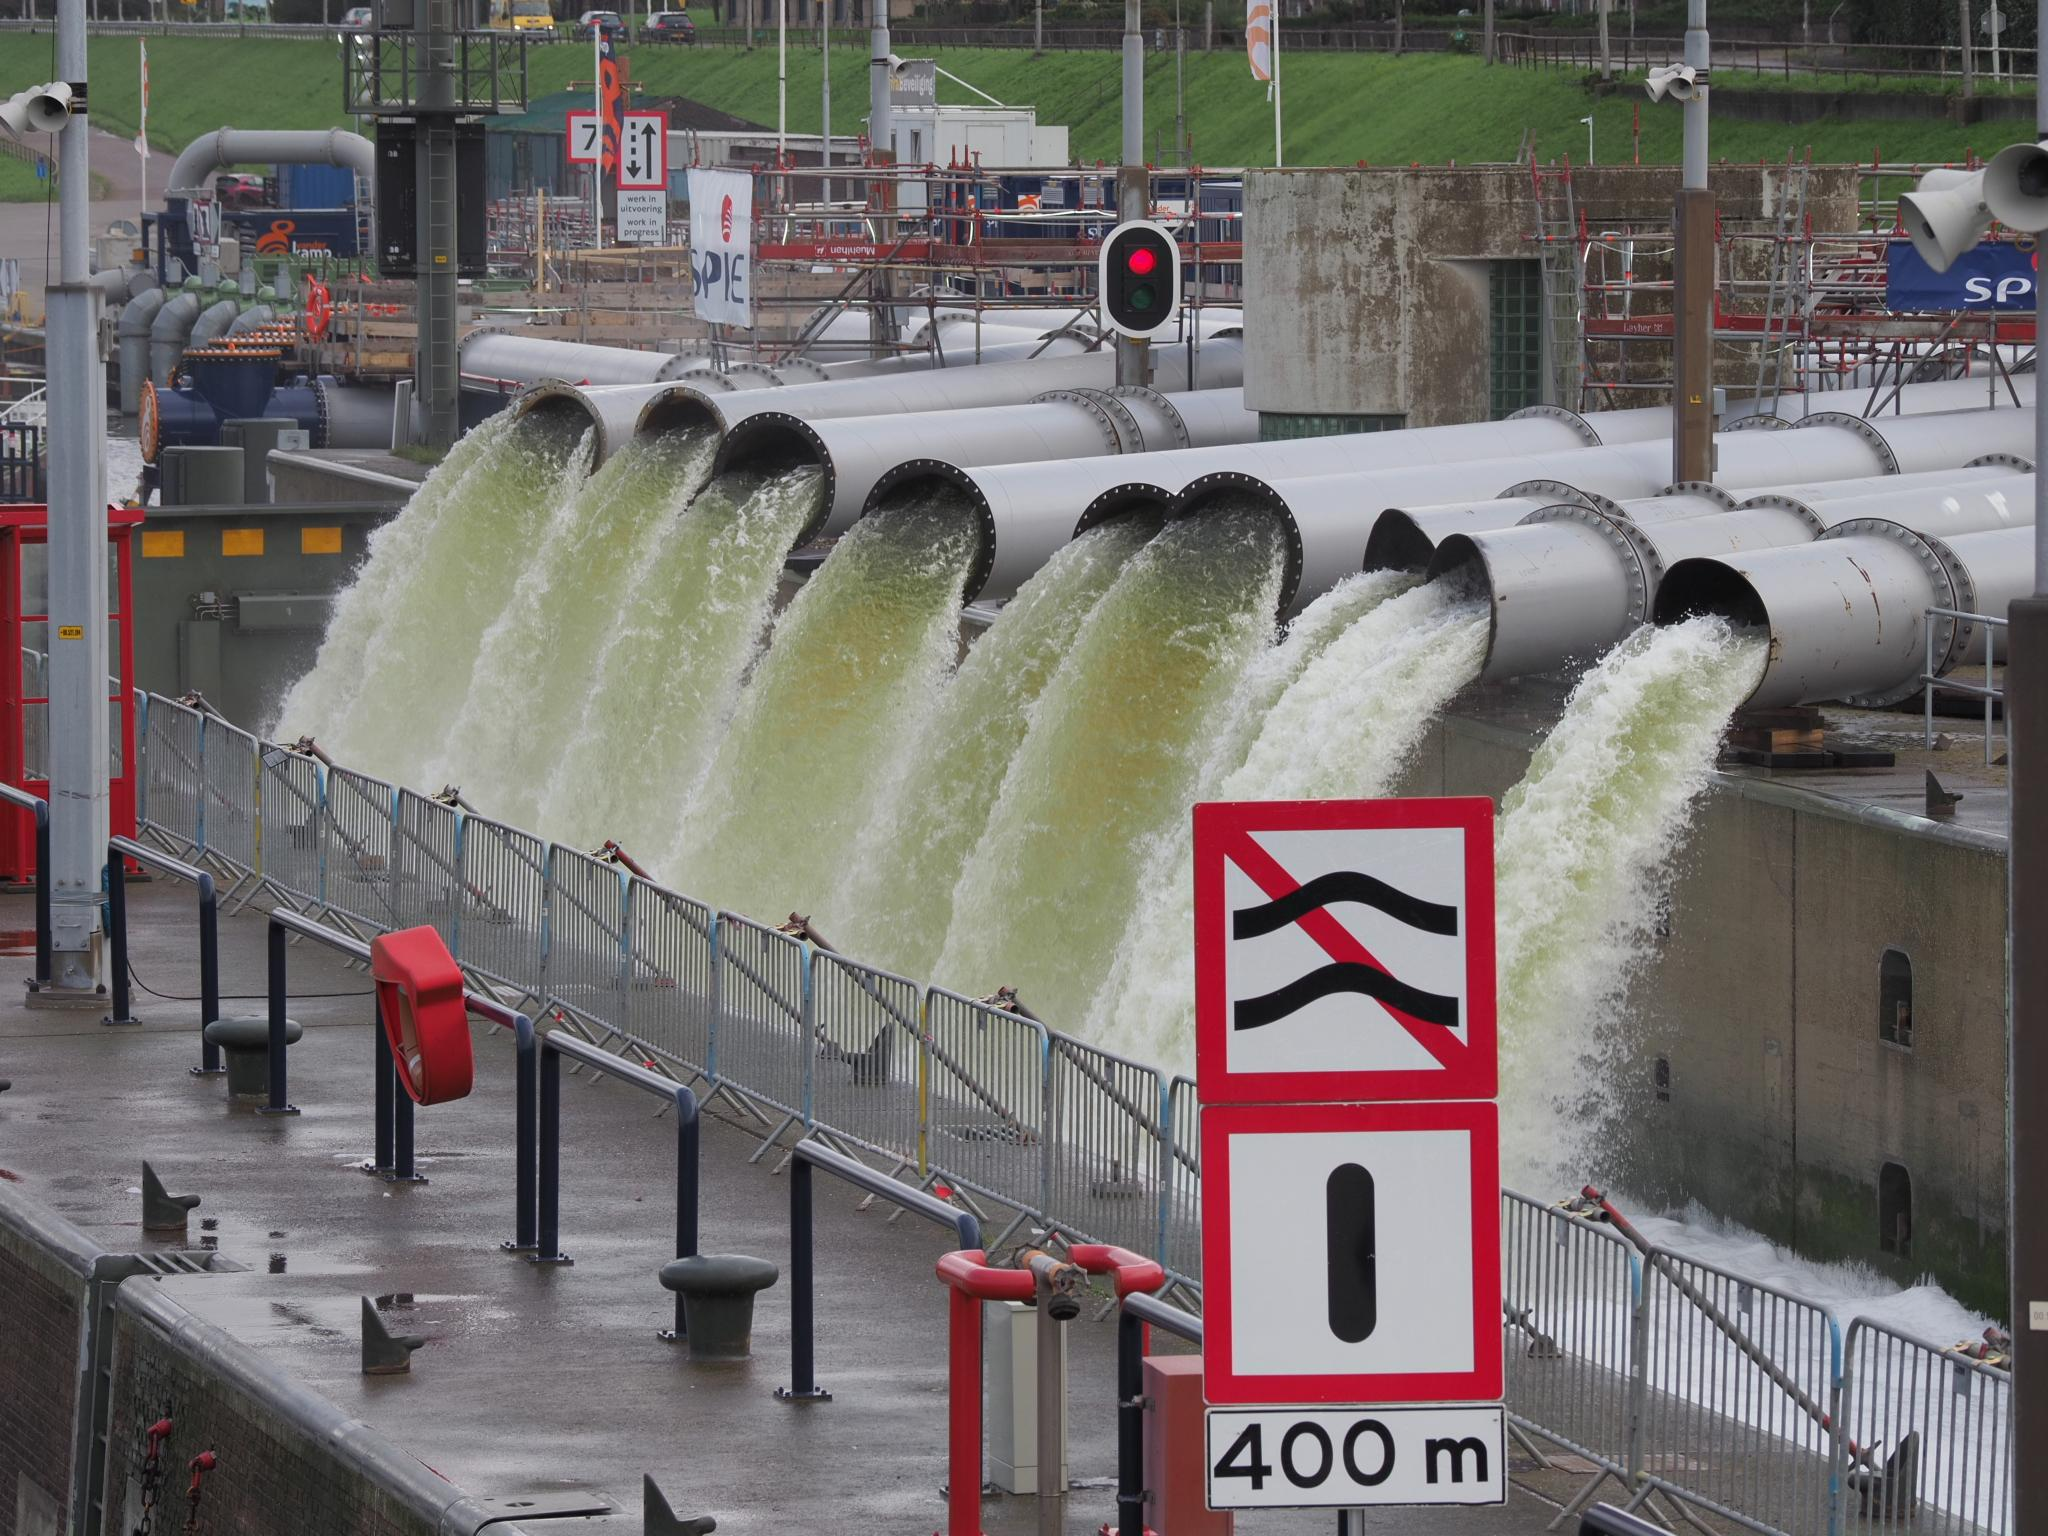 Noodpompen IJmuiden draaien op volle toeren om overtollig regenwater weg te pompen [video]